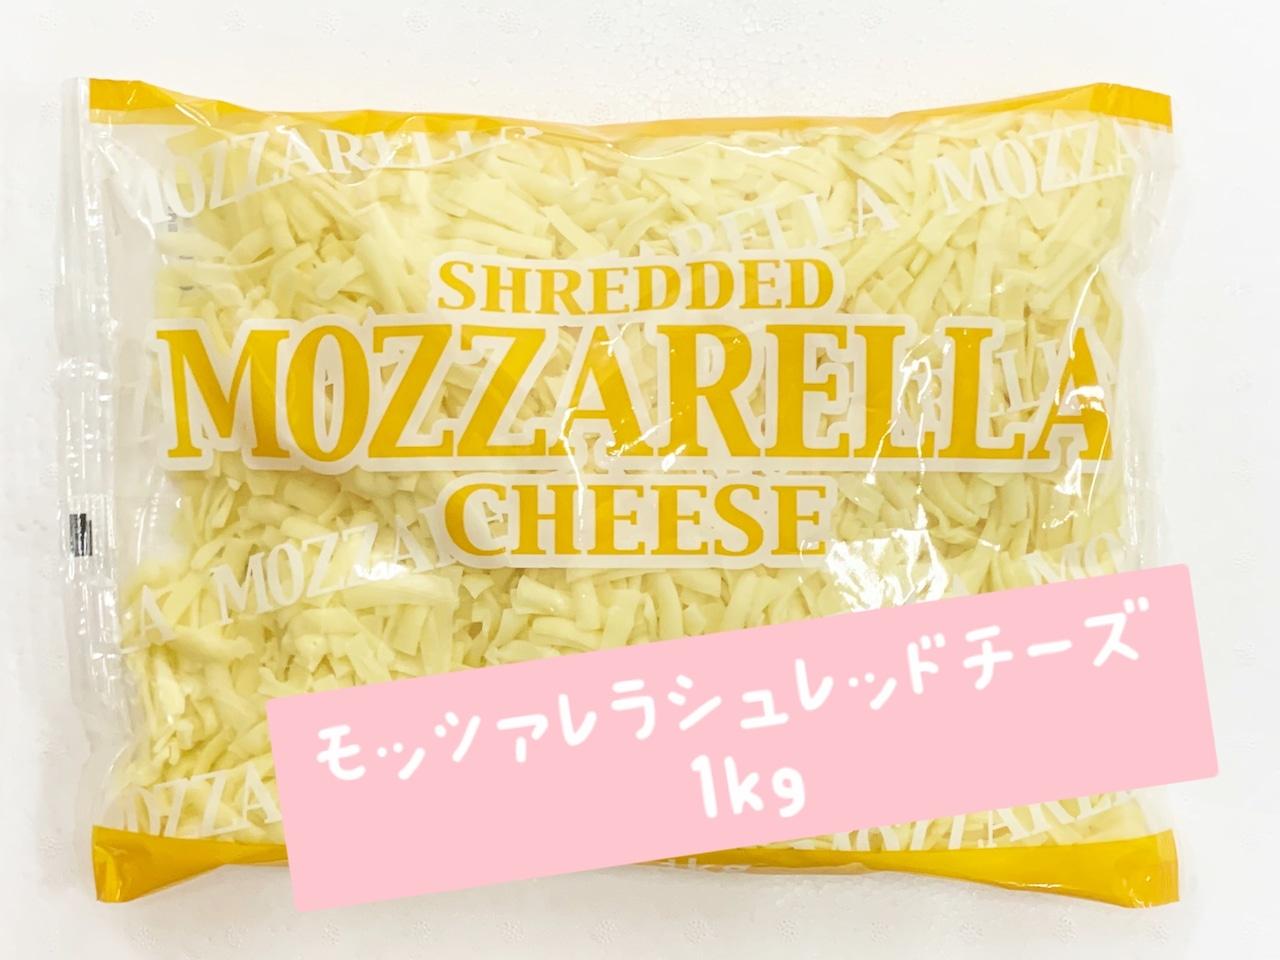 モッツアレラ シュレッドチーズ1kg